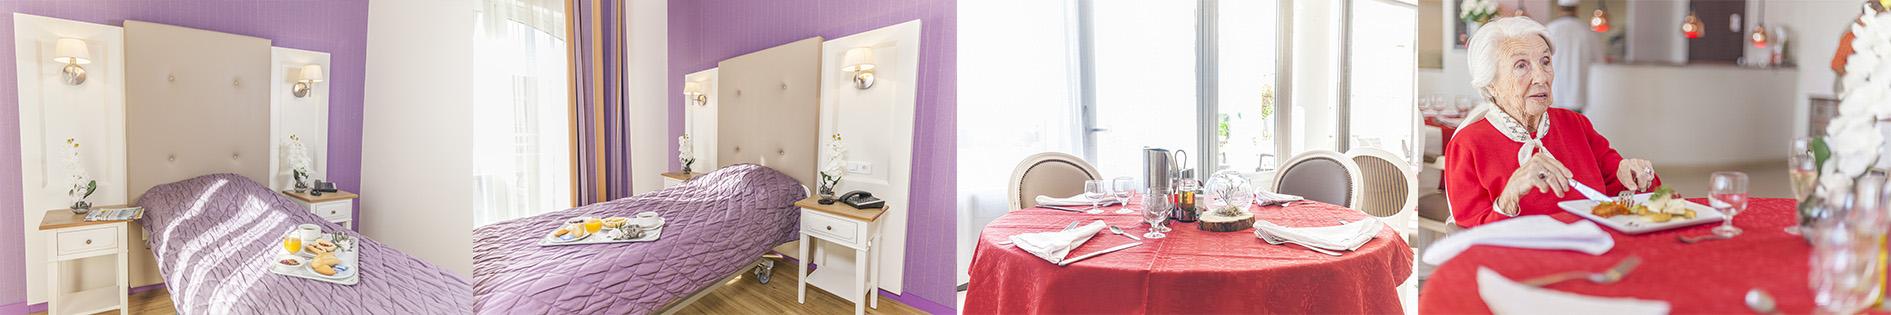 Medifar - Residance Lyna - PACA - Projet Hotelier - Bandeau